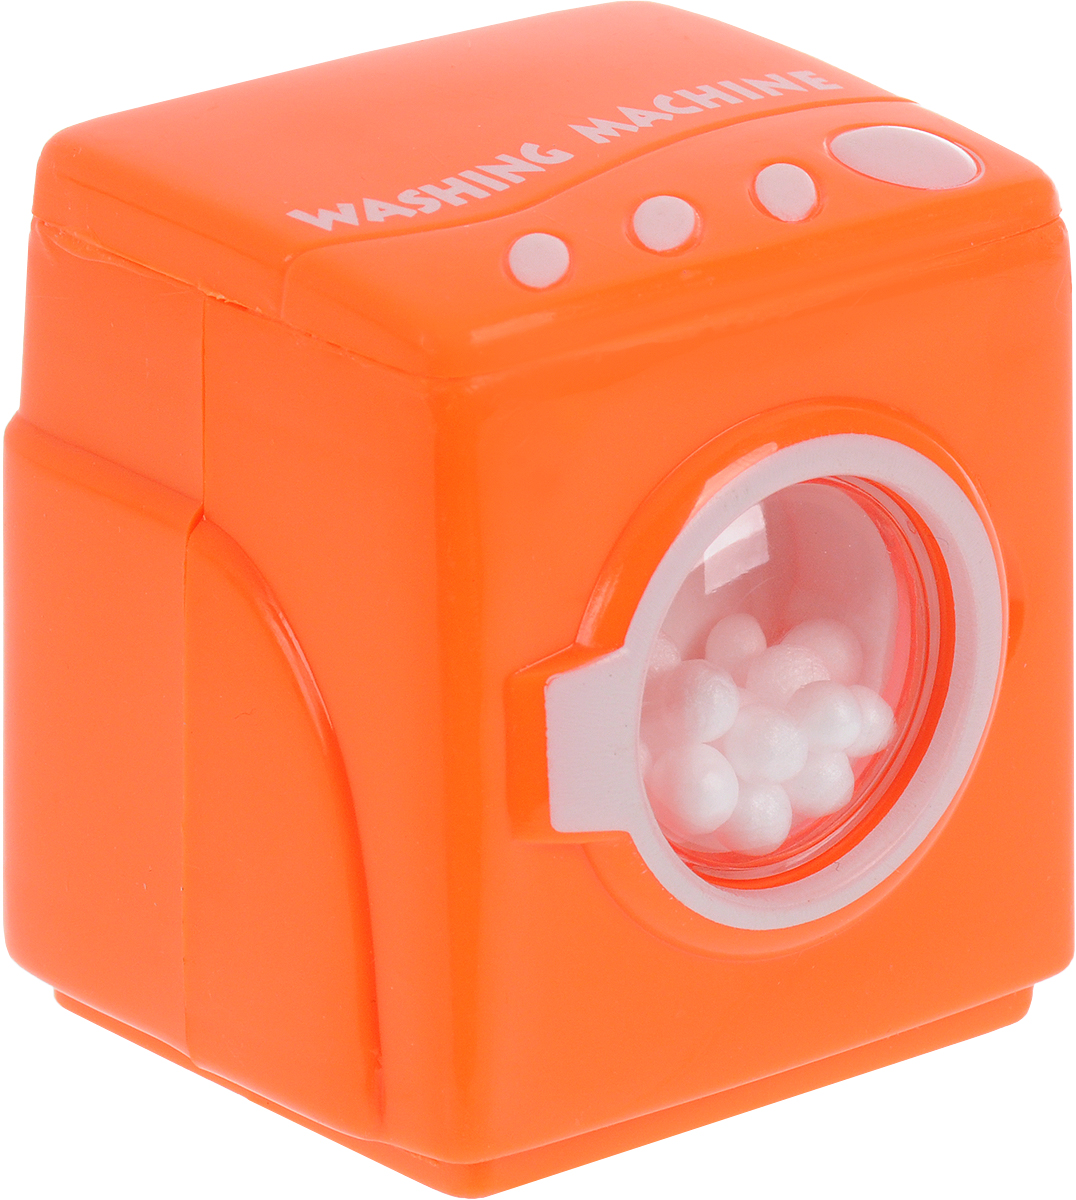 EstaBella Заводная игрушка Стиральная машинка цвет оранжевый игрушка заводная машинка перевертыш цвет голубой красный